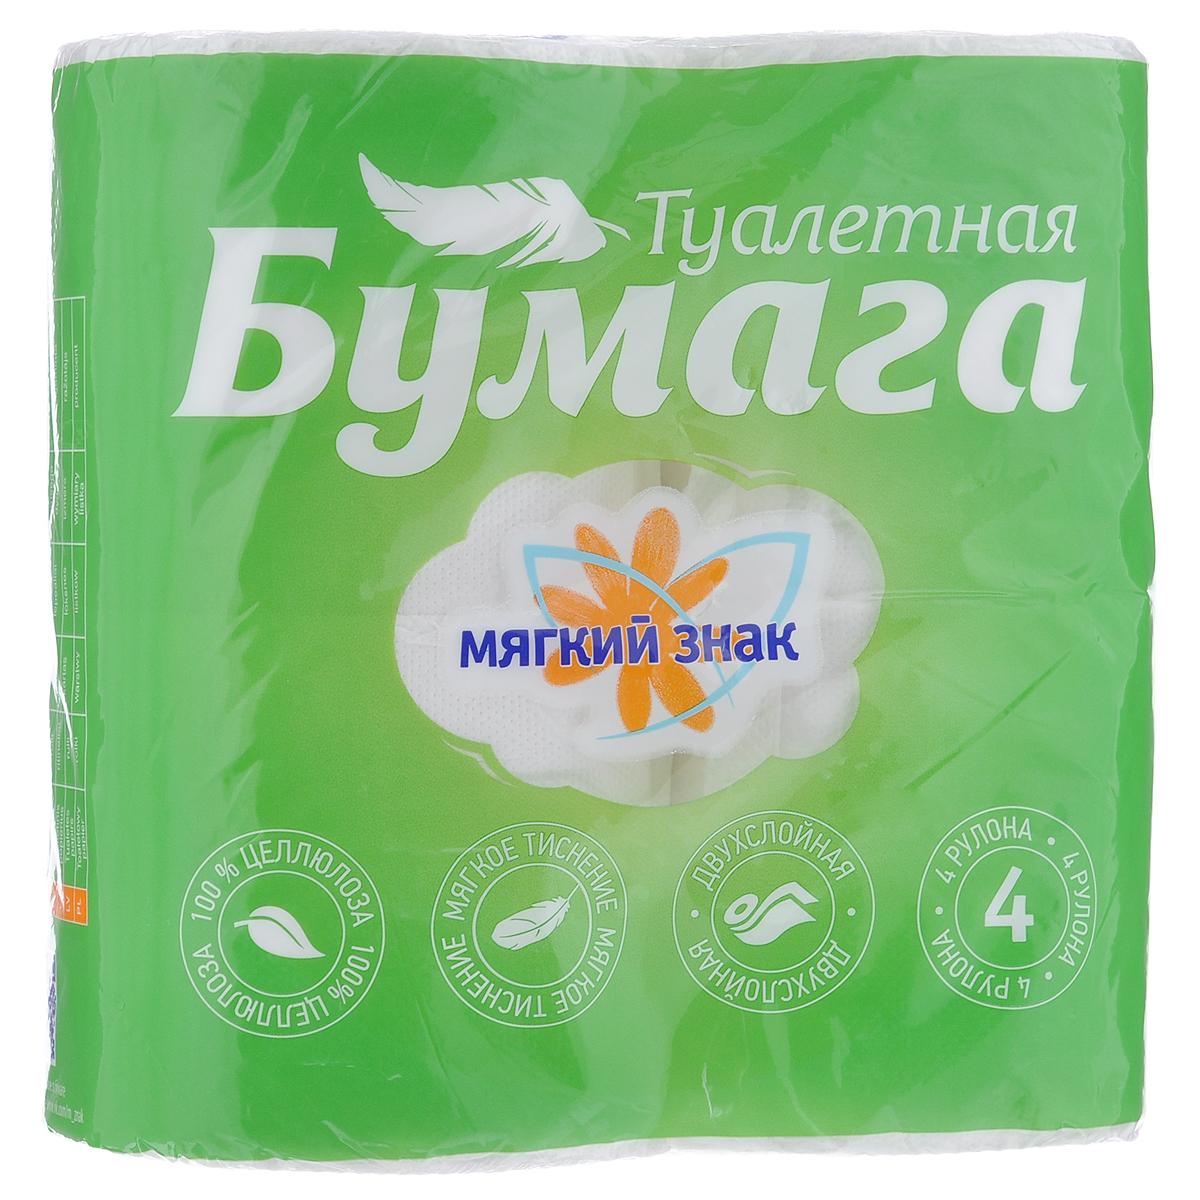 Туалетная бумага Мягкий знак двухслойная цвет  белый 4 рулона